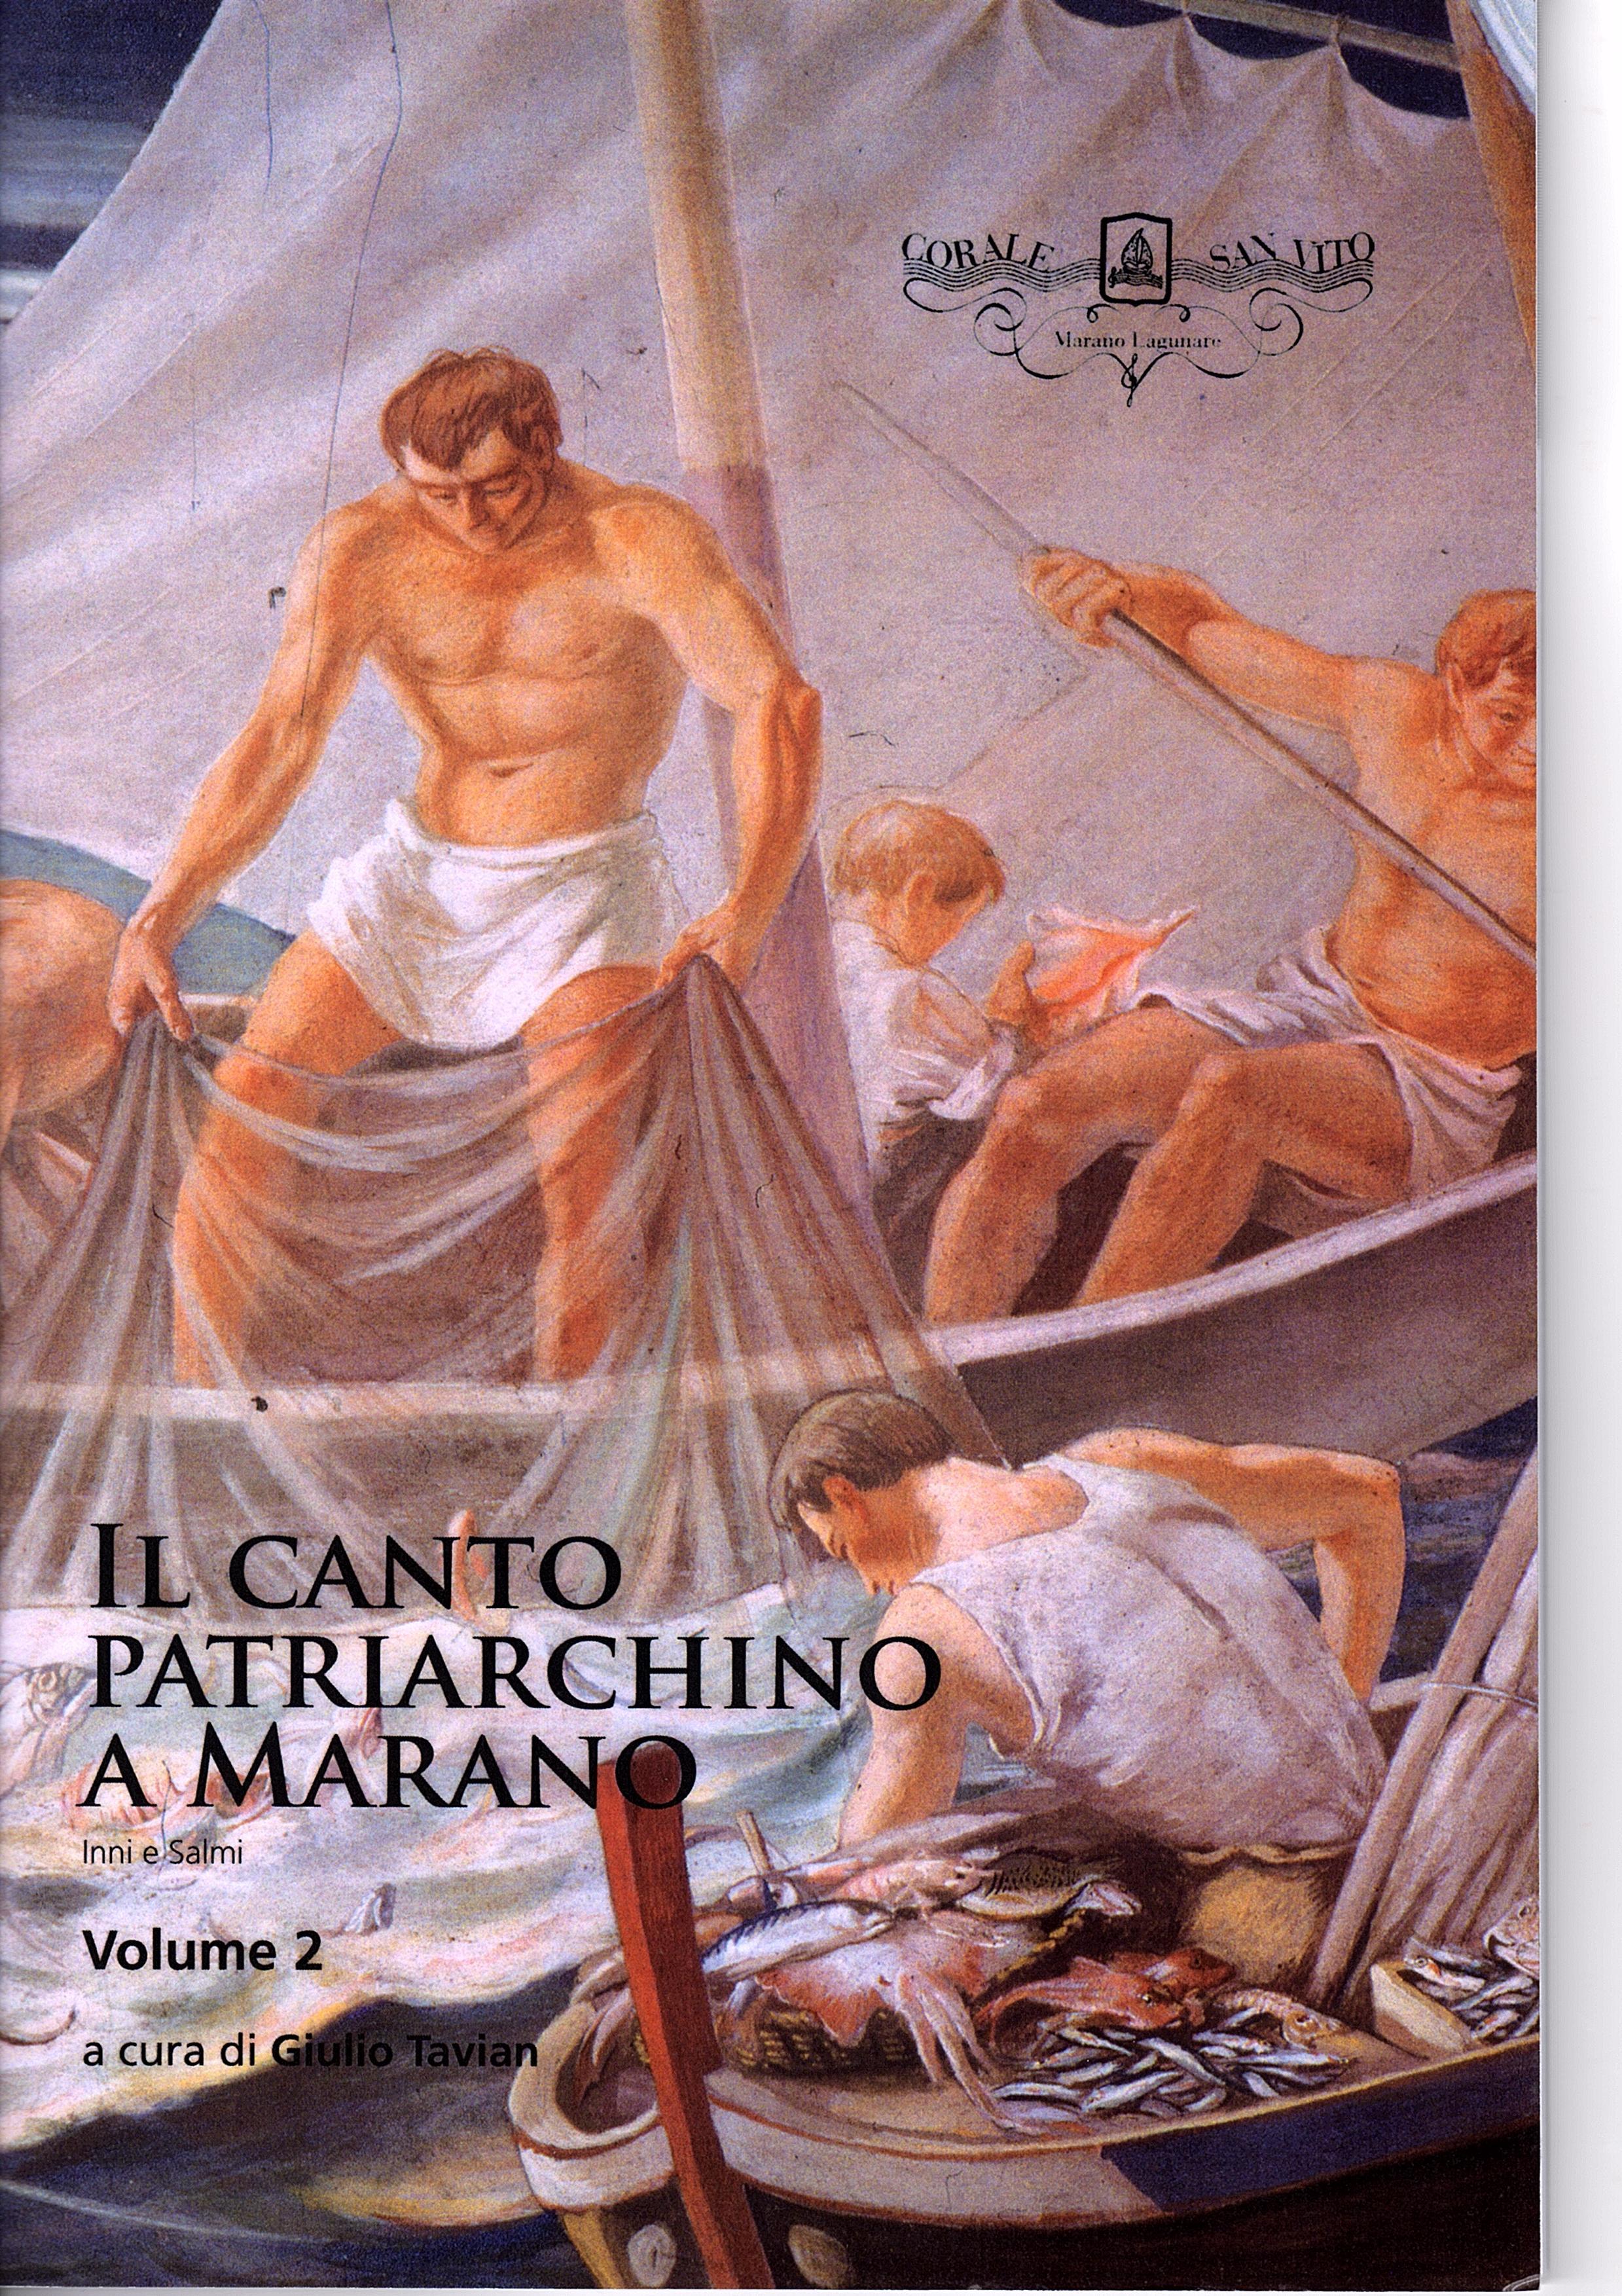 Il canto sacro patriarchino di Marano